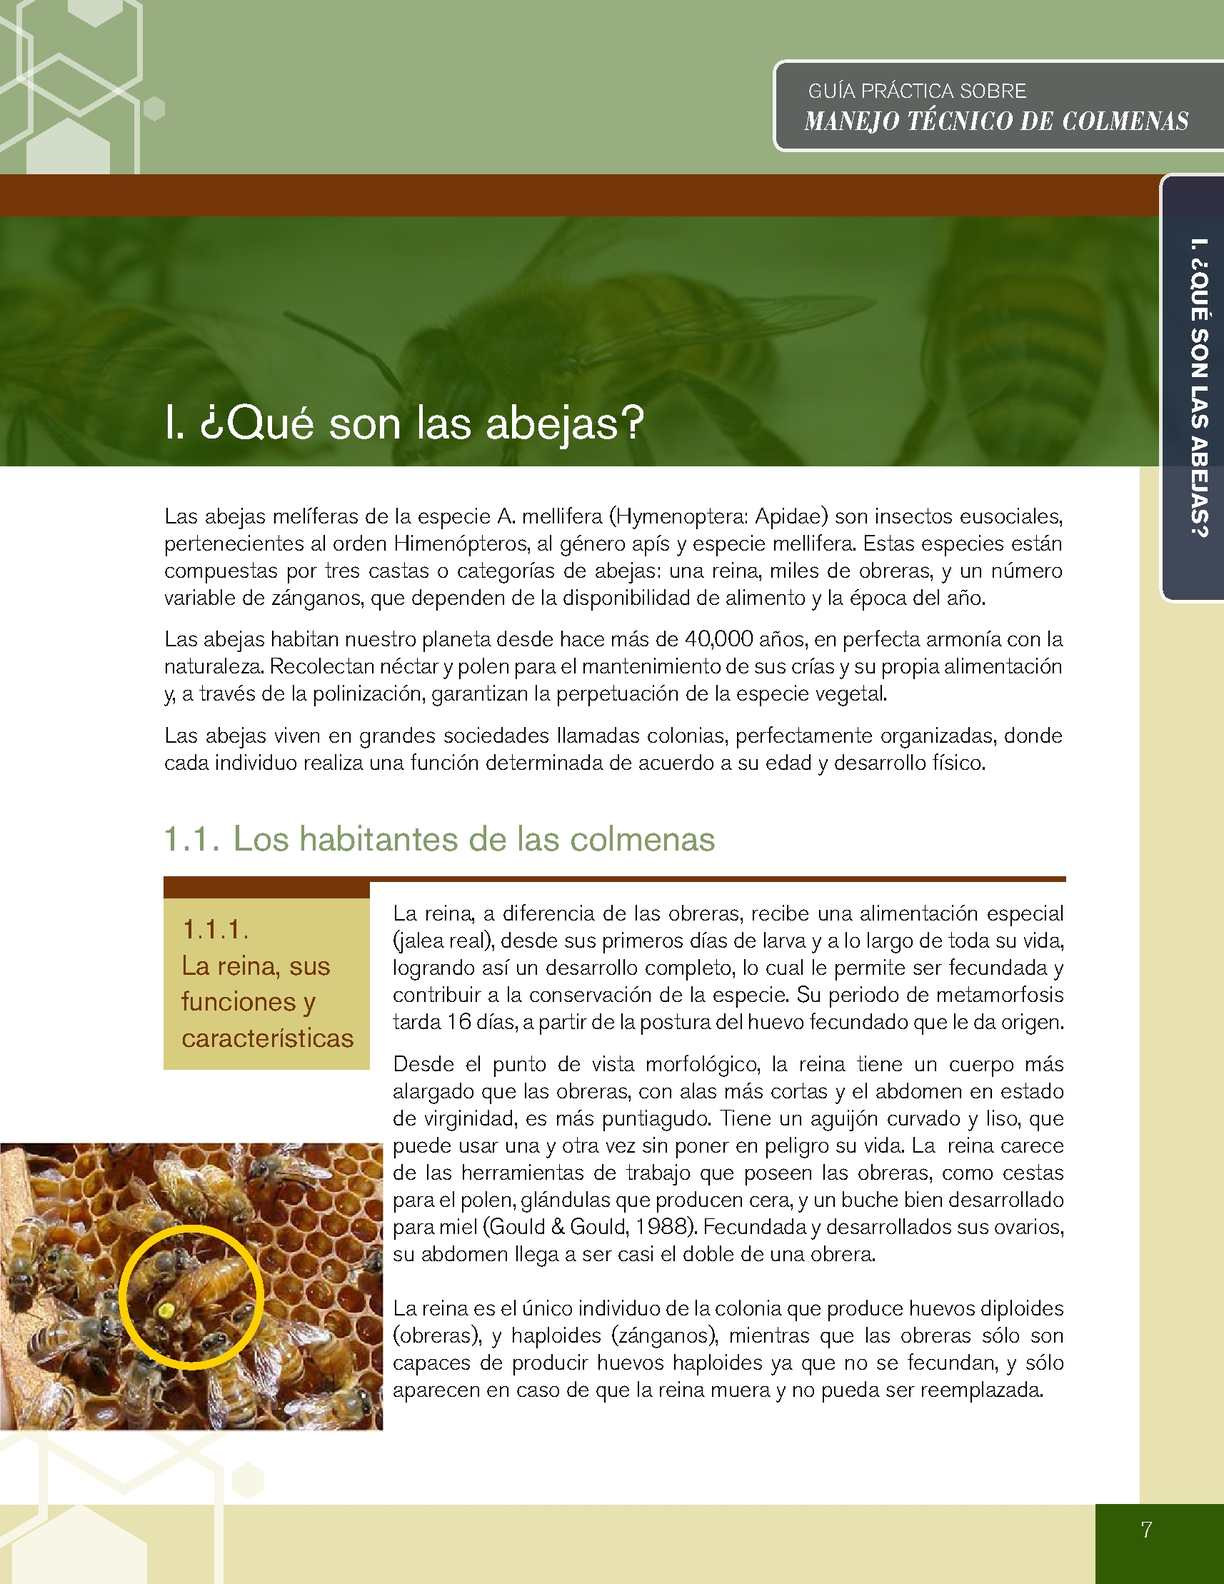 Manejo Tecnico De Colmenas - CALAMEO Downloader